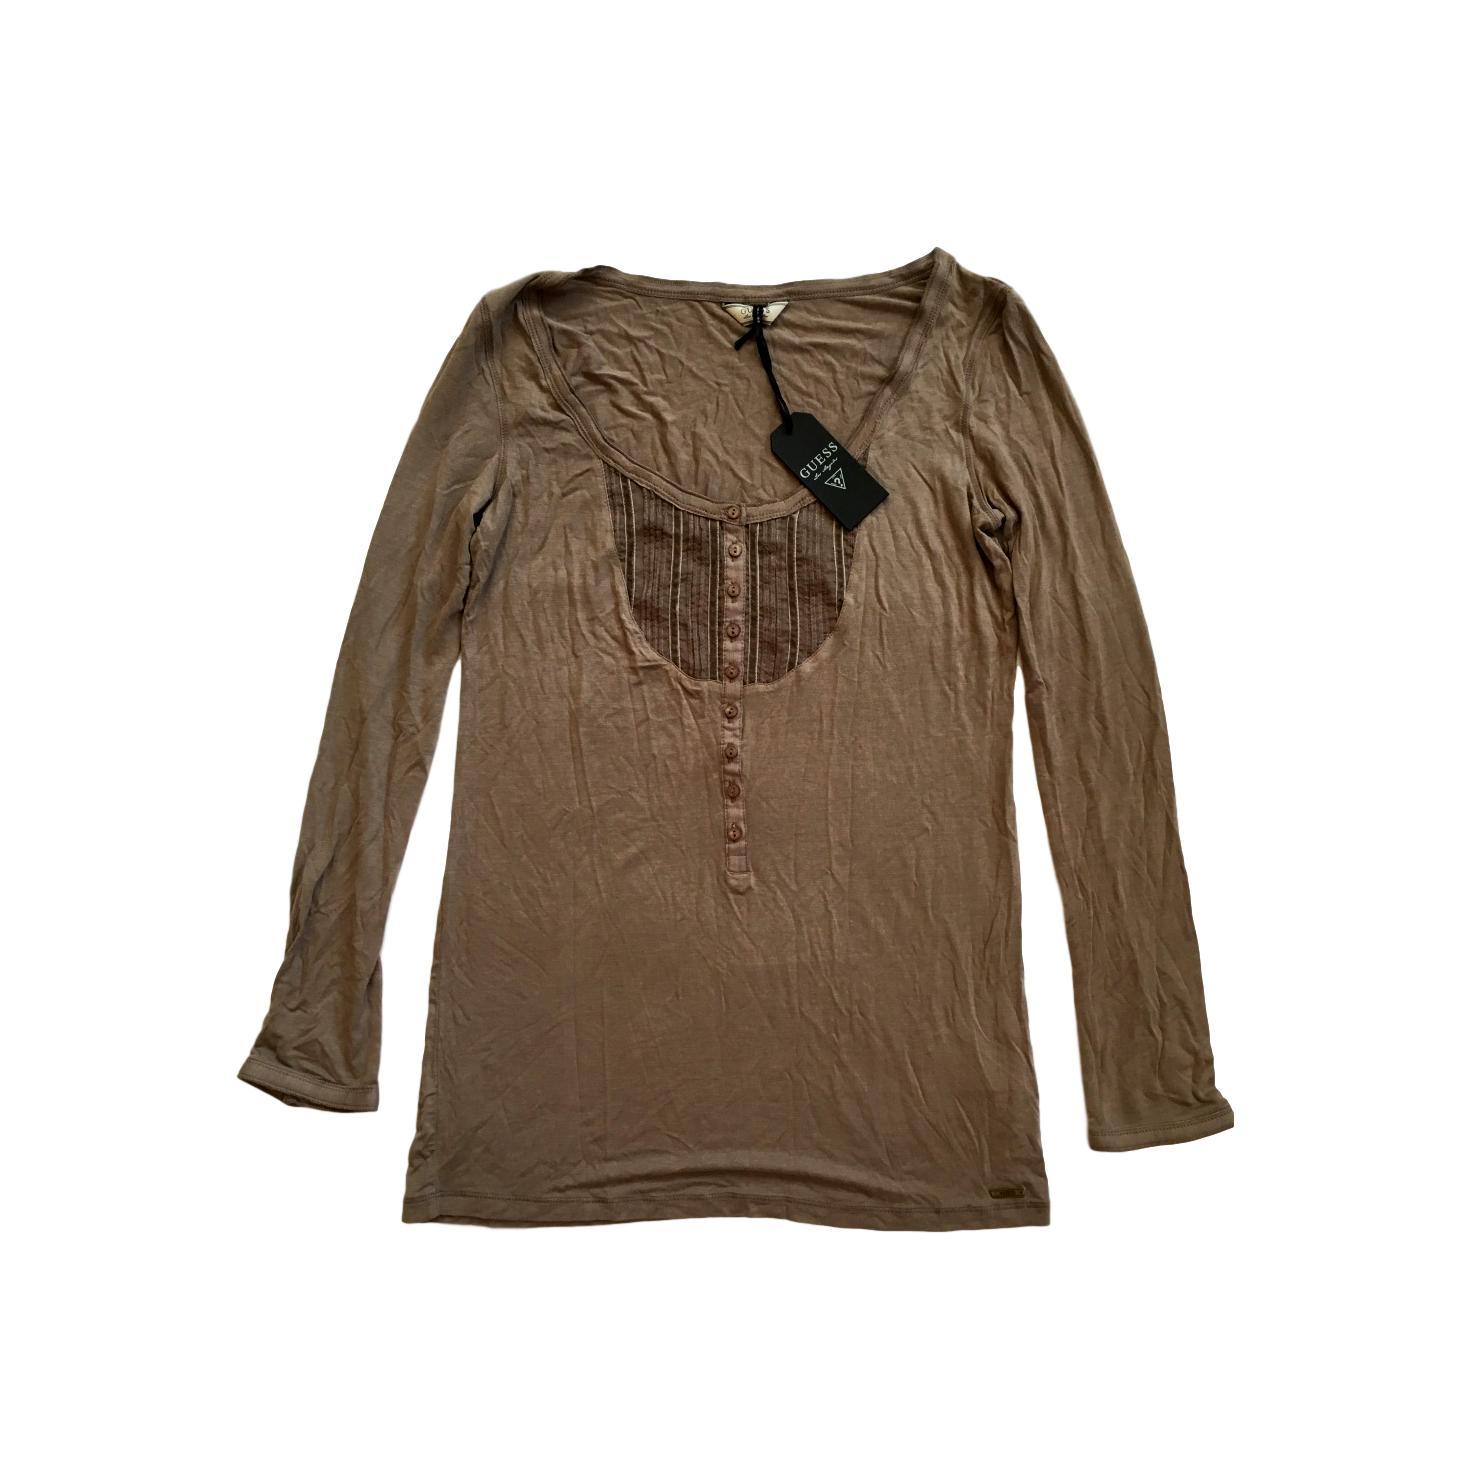 Купить футболку, поло Guess за 1200 руб. в интернет магазине ... 0243a818e20